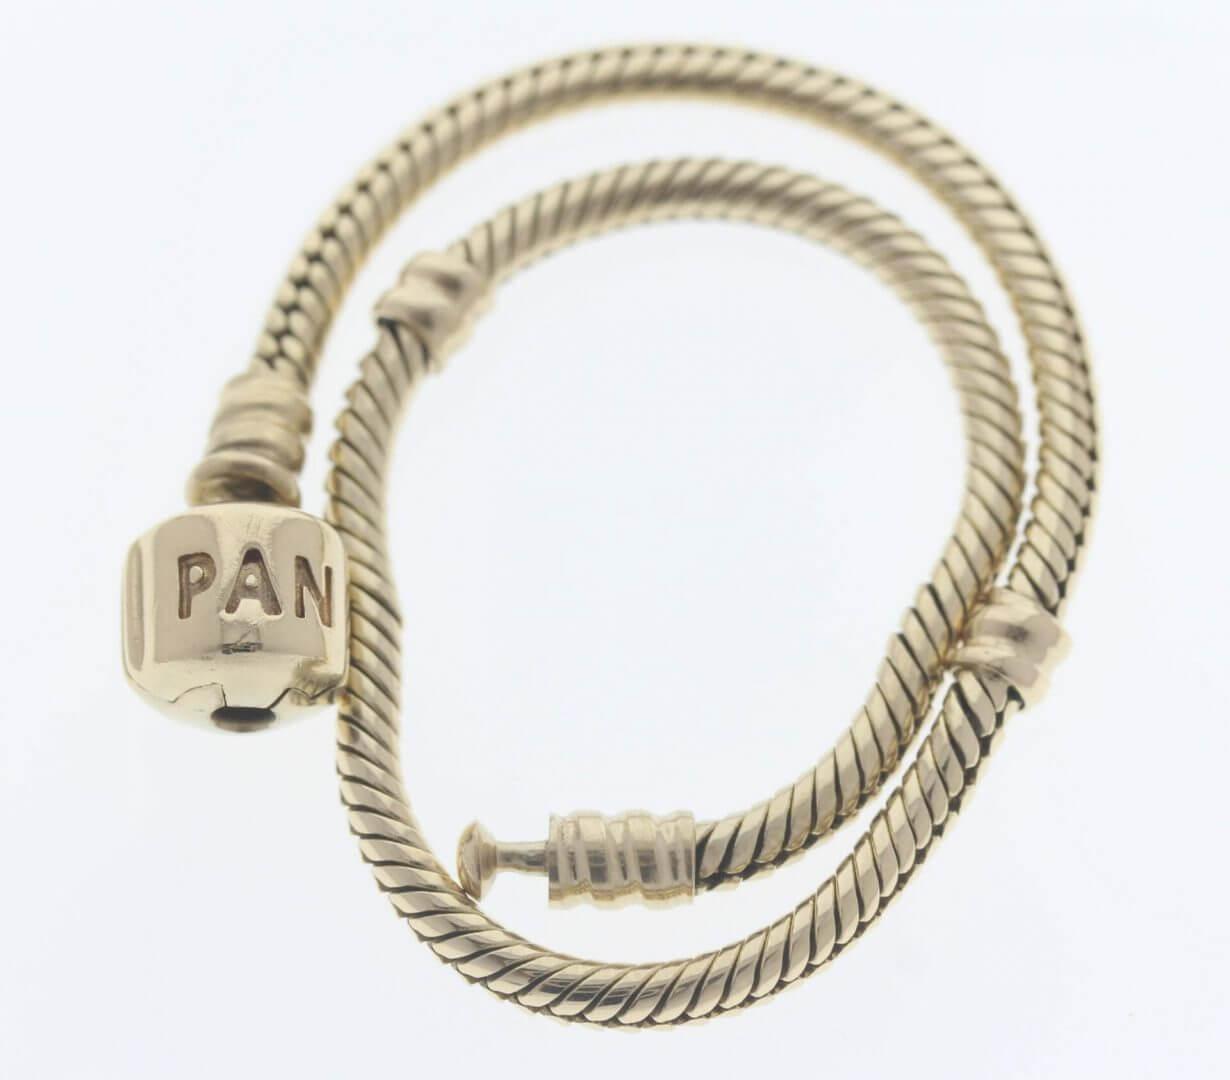 Pandora Moments 14ct Gold Charm Bracelet - 550702 - ALE 585 5